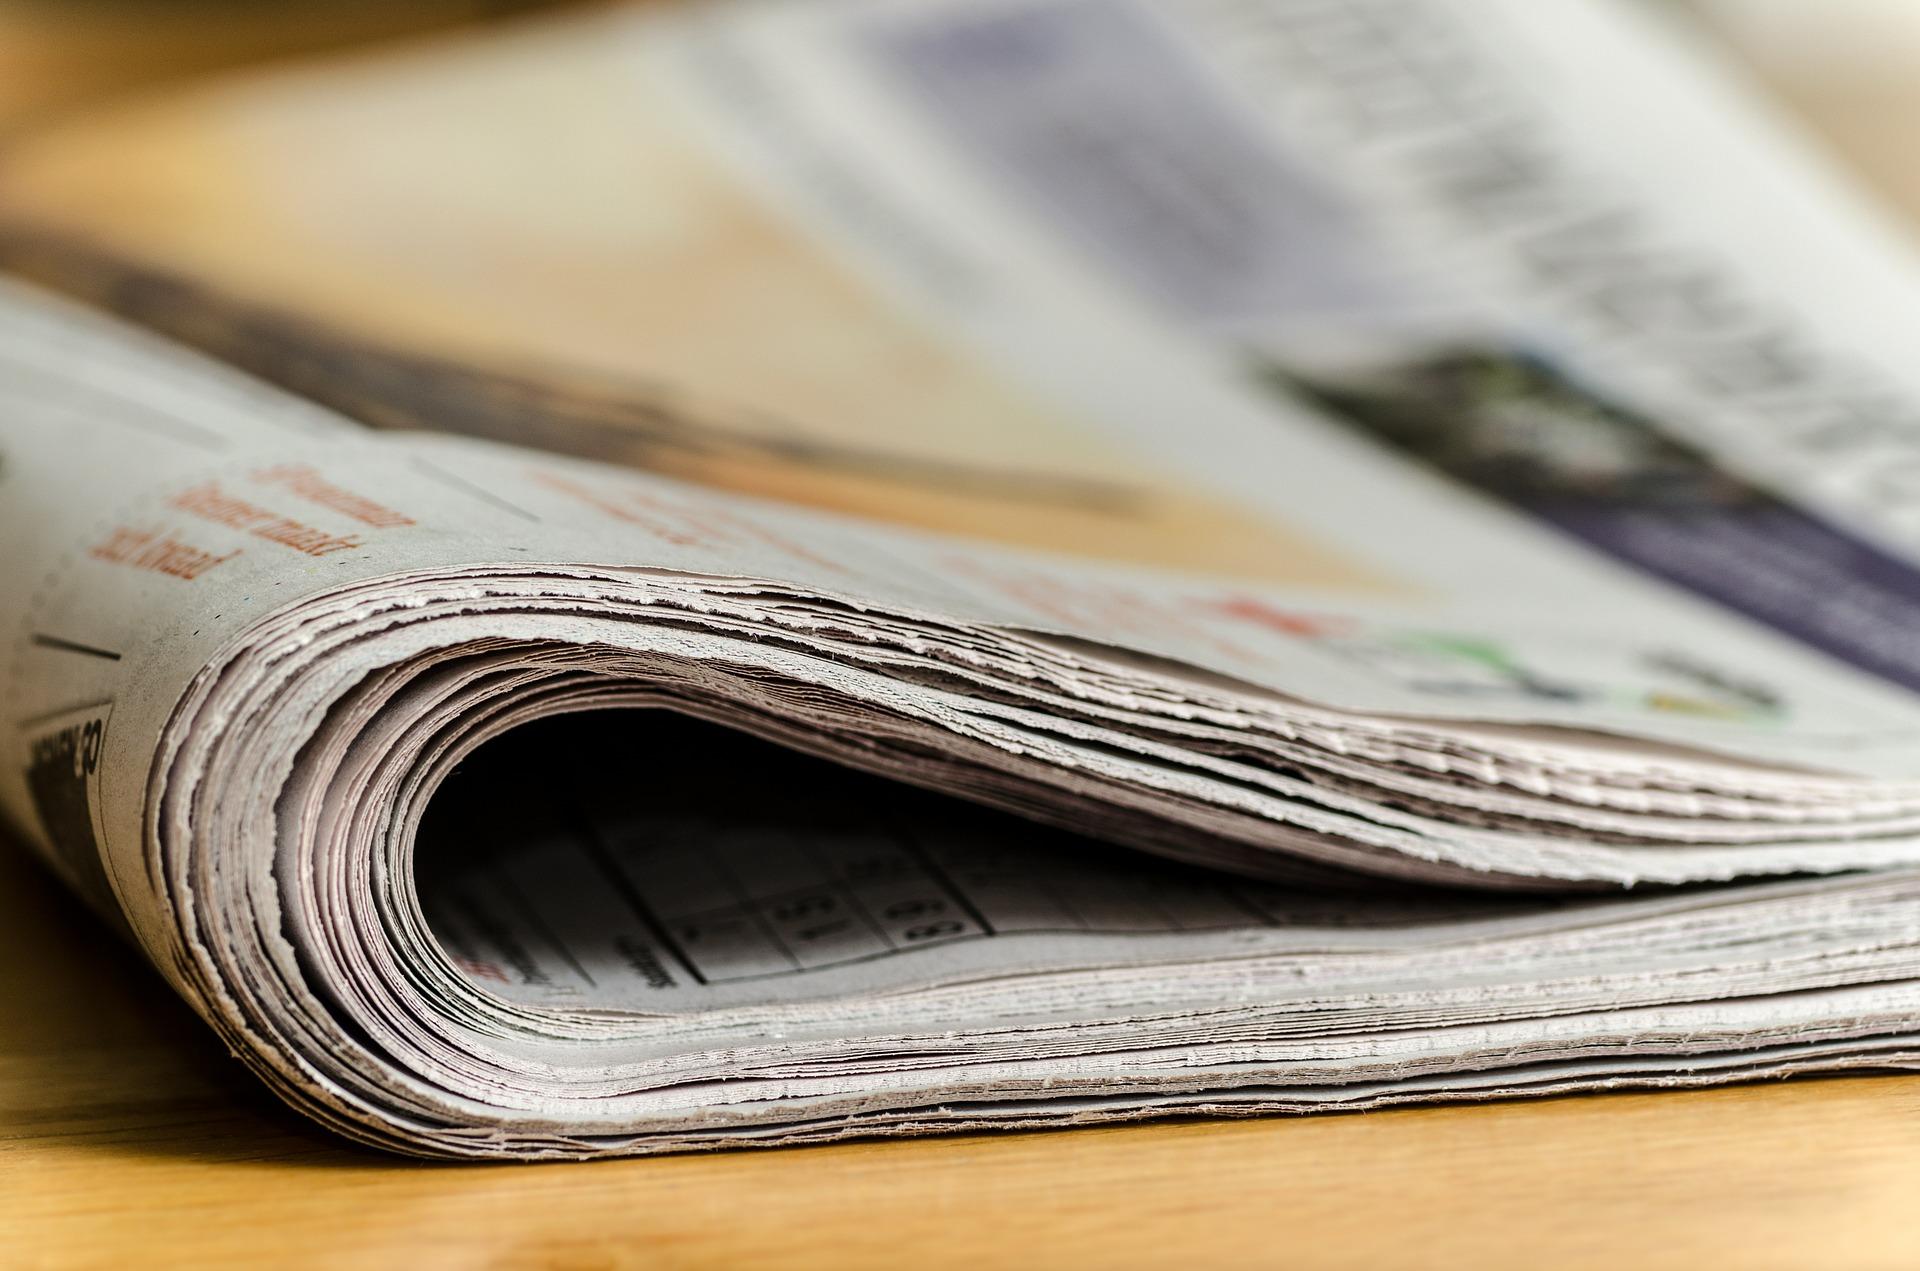 newspapers-444449_1920.jpg